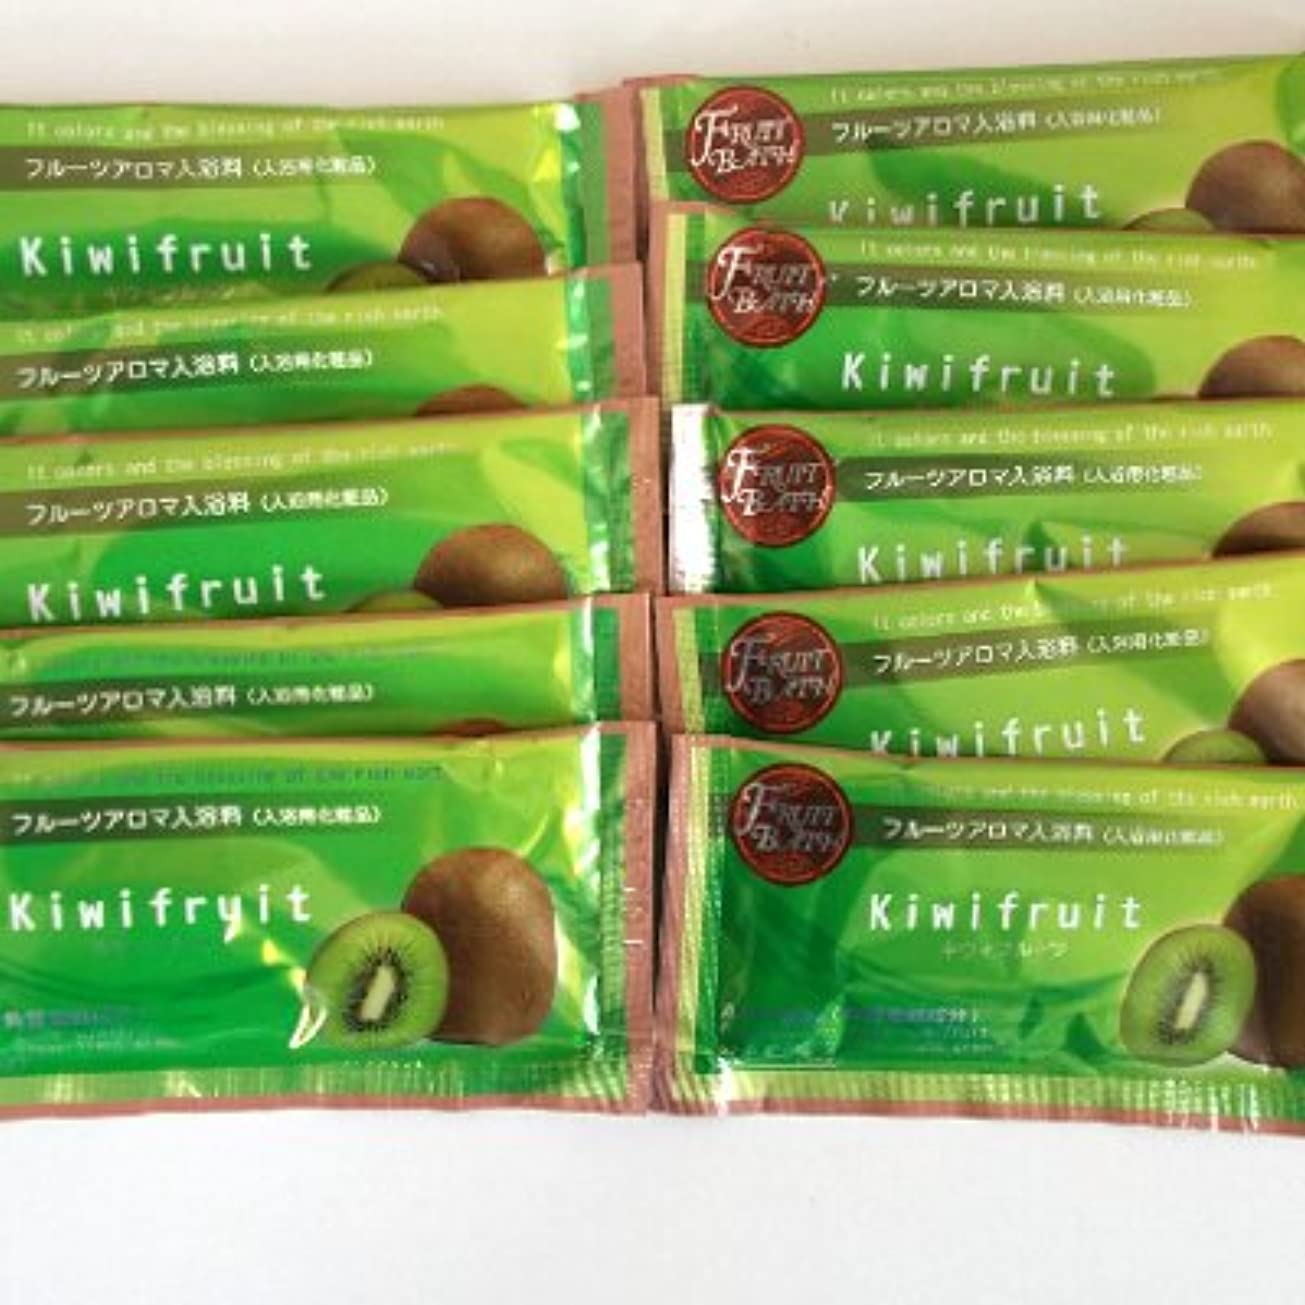 悪党屋内で化石フルーツアロマ入浴剤 キウイフルーツの香り 10包セット